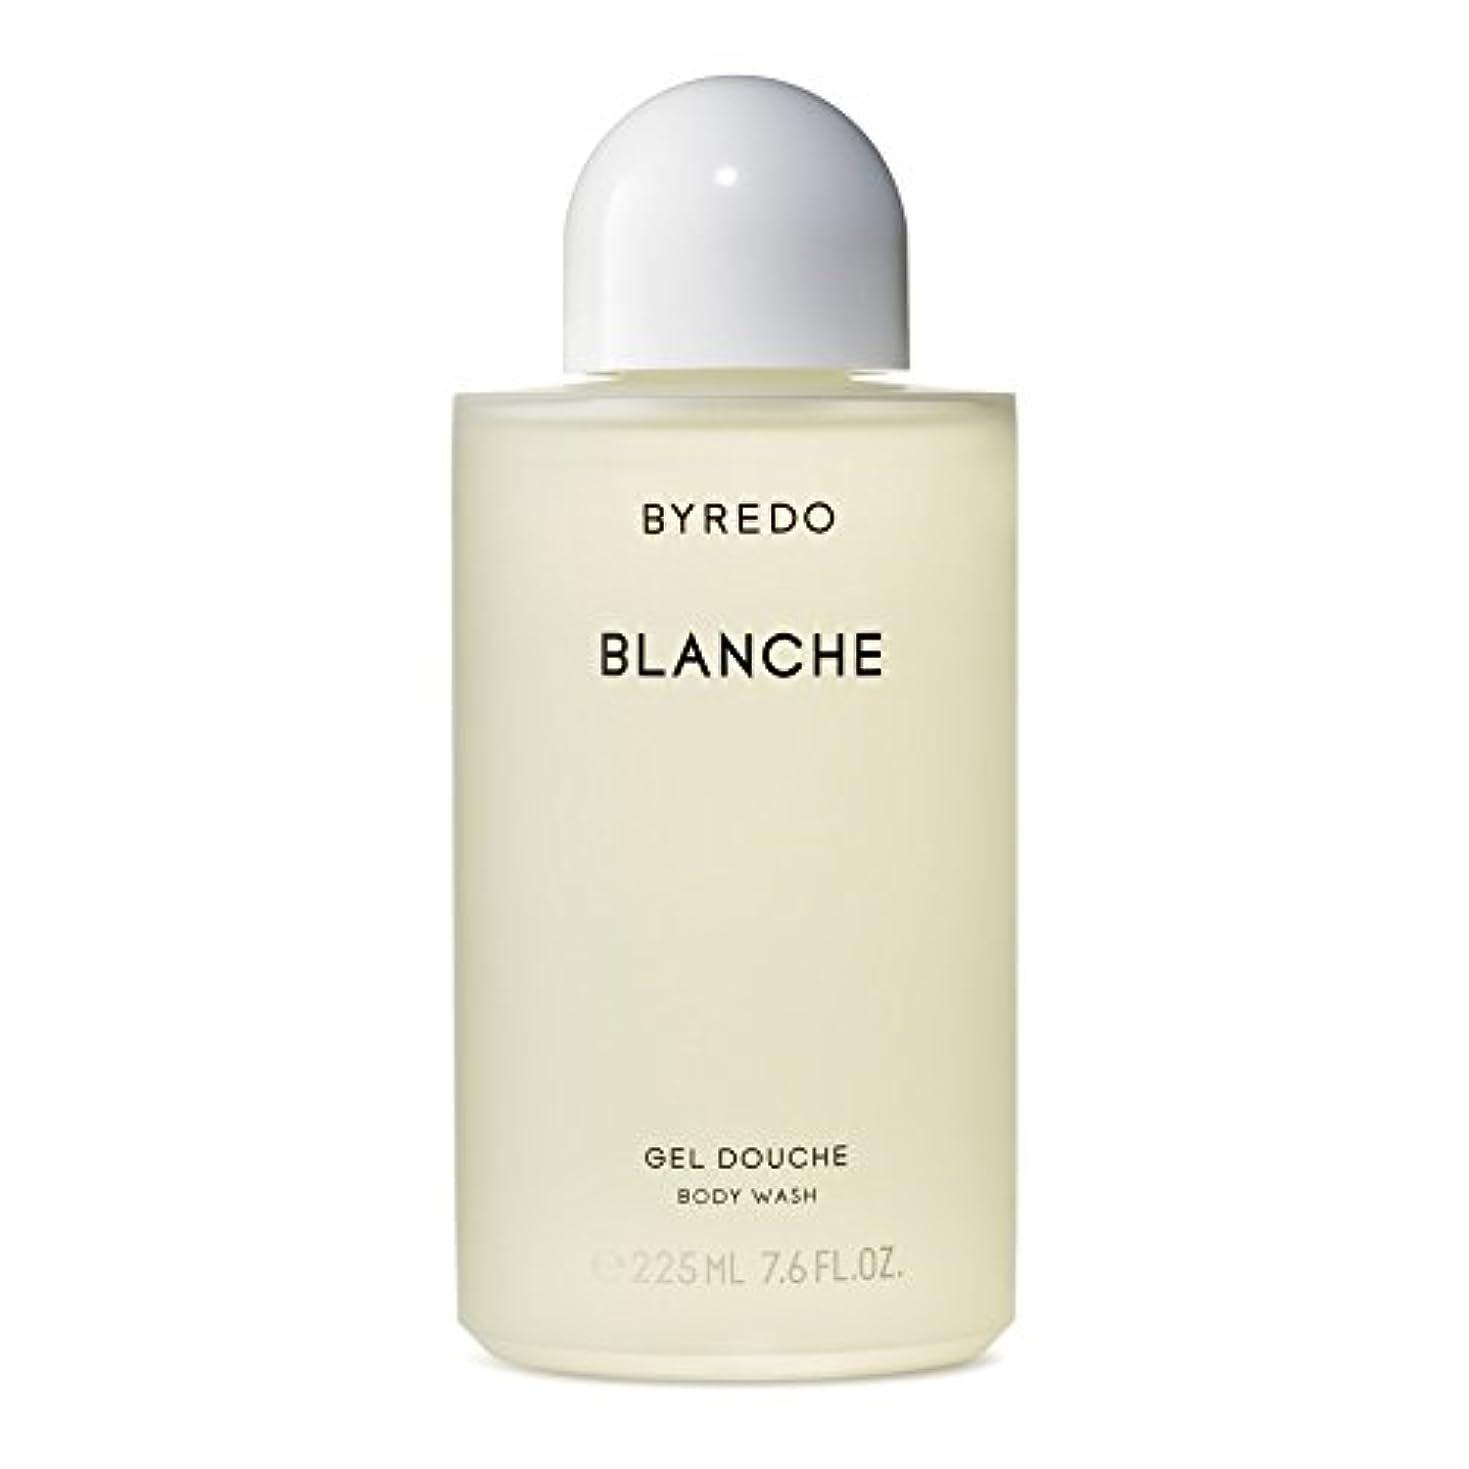 ハッピークラック有能なByredo Blanche Body Wash 225ml - ブランシュボディウォッシュ225ミリリットル [並行輸入品]